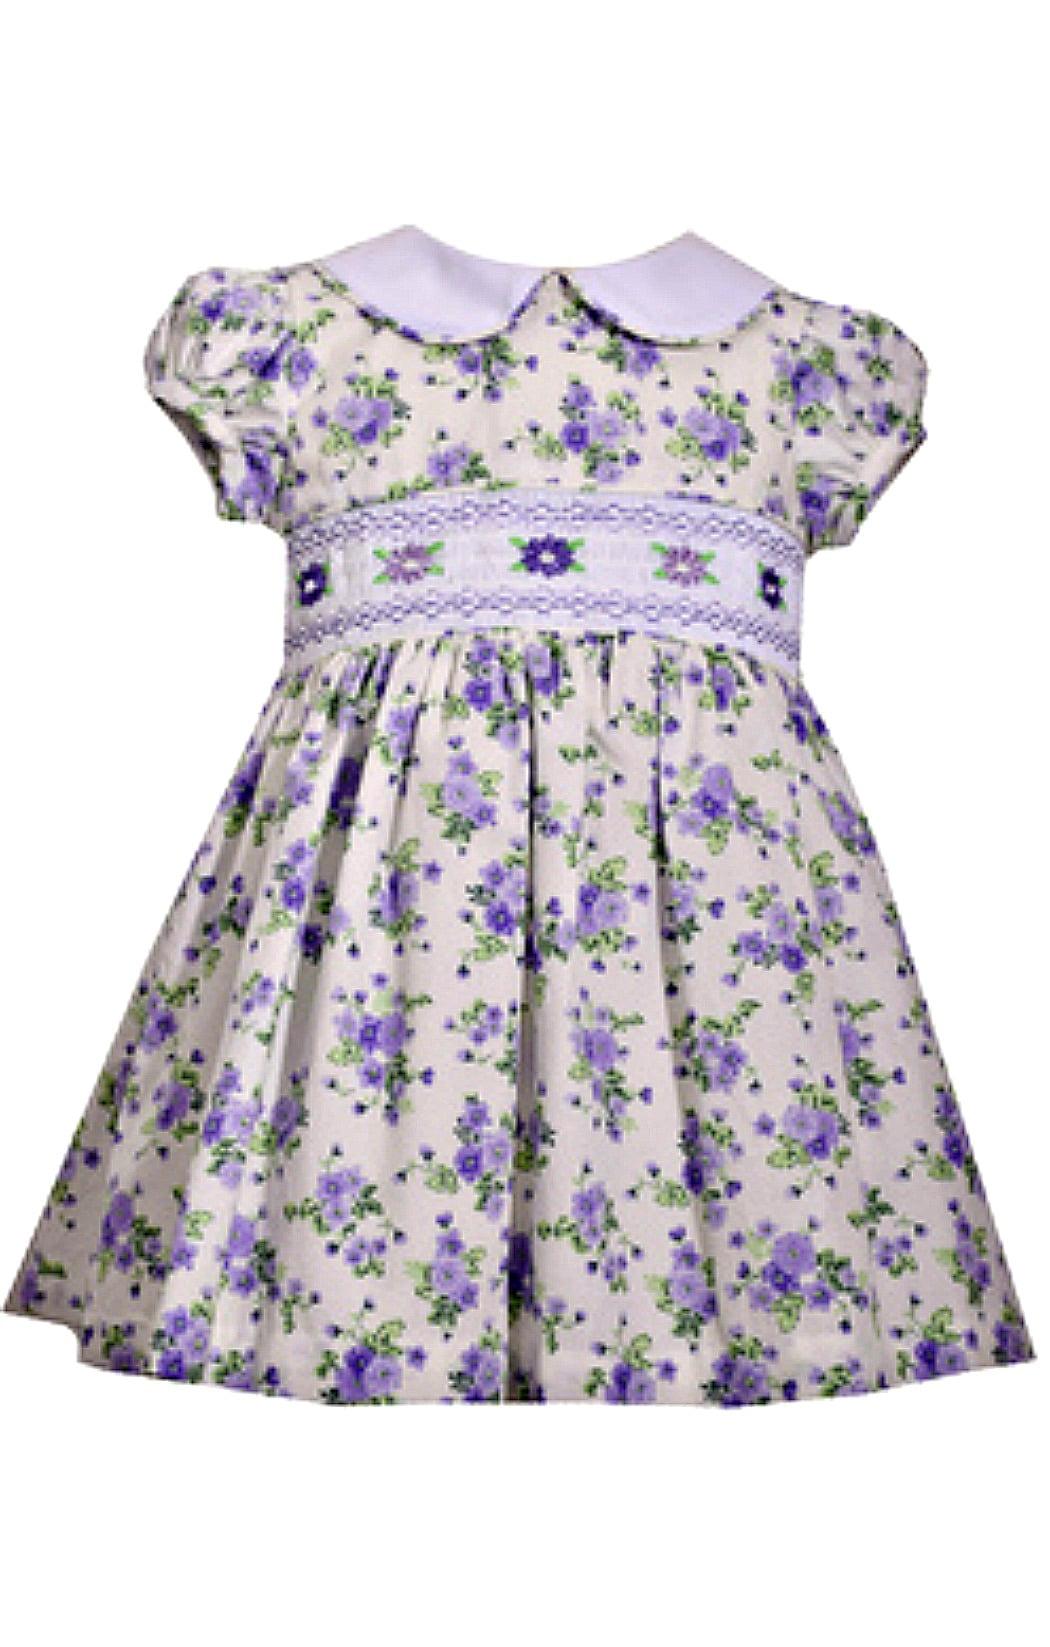 Infant Baby Girls Lavender Floral Smocked Dress 18 months - Walmart.com